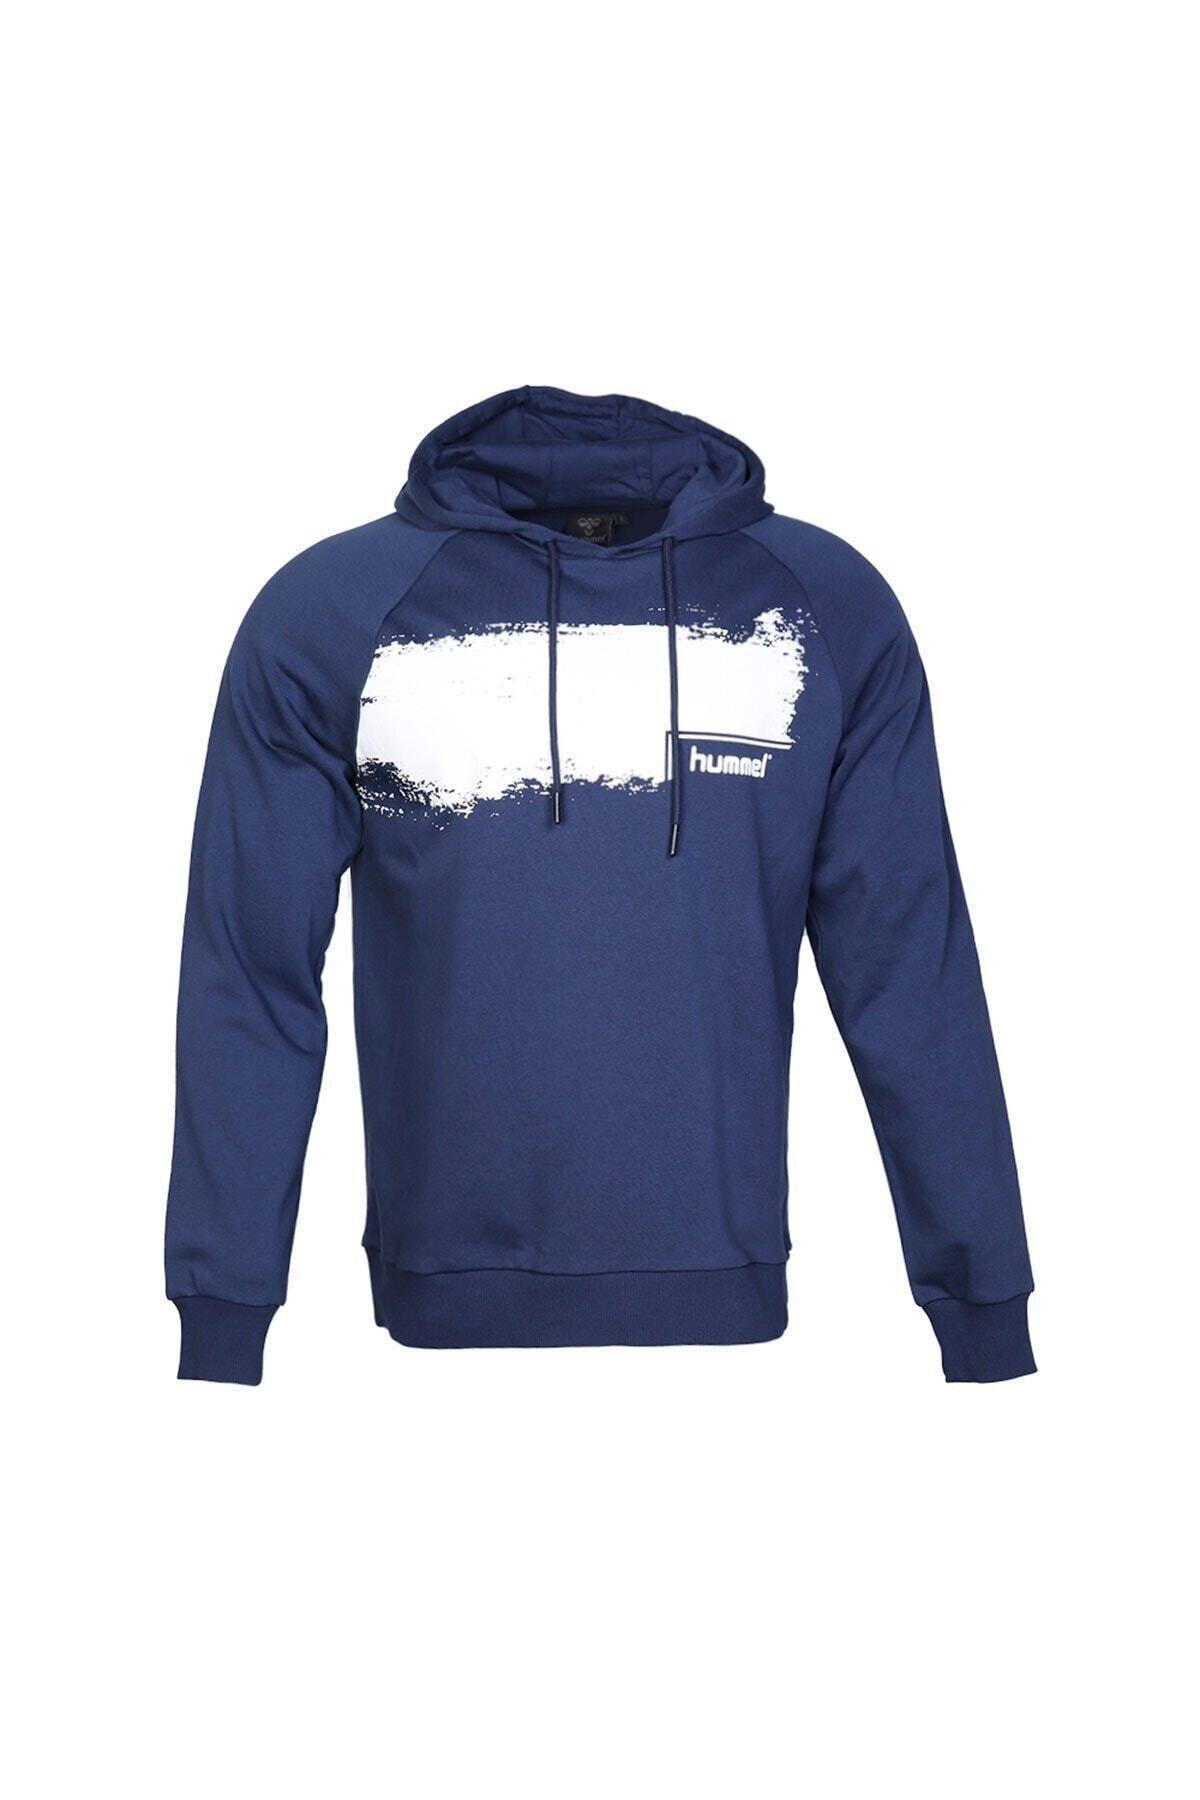 HUMMEL Erkek Mavi Sweatshirt 920447-7480 2